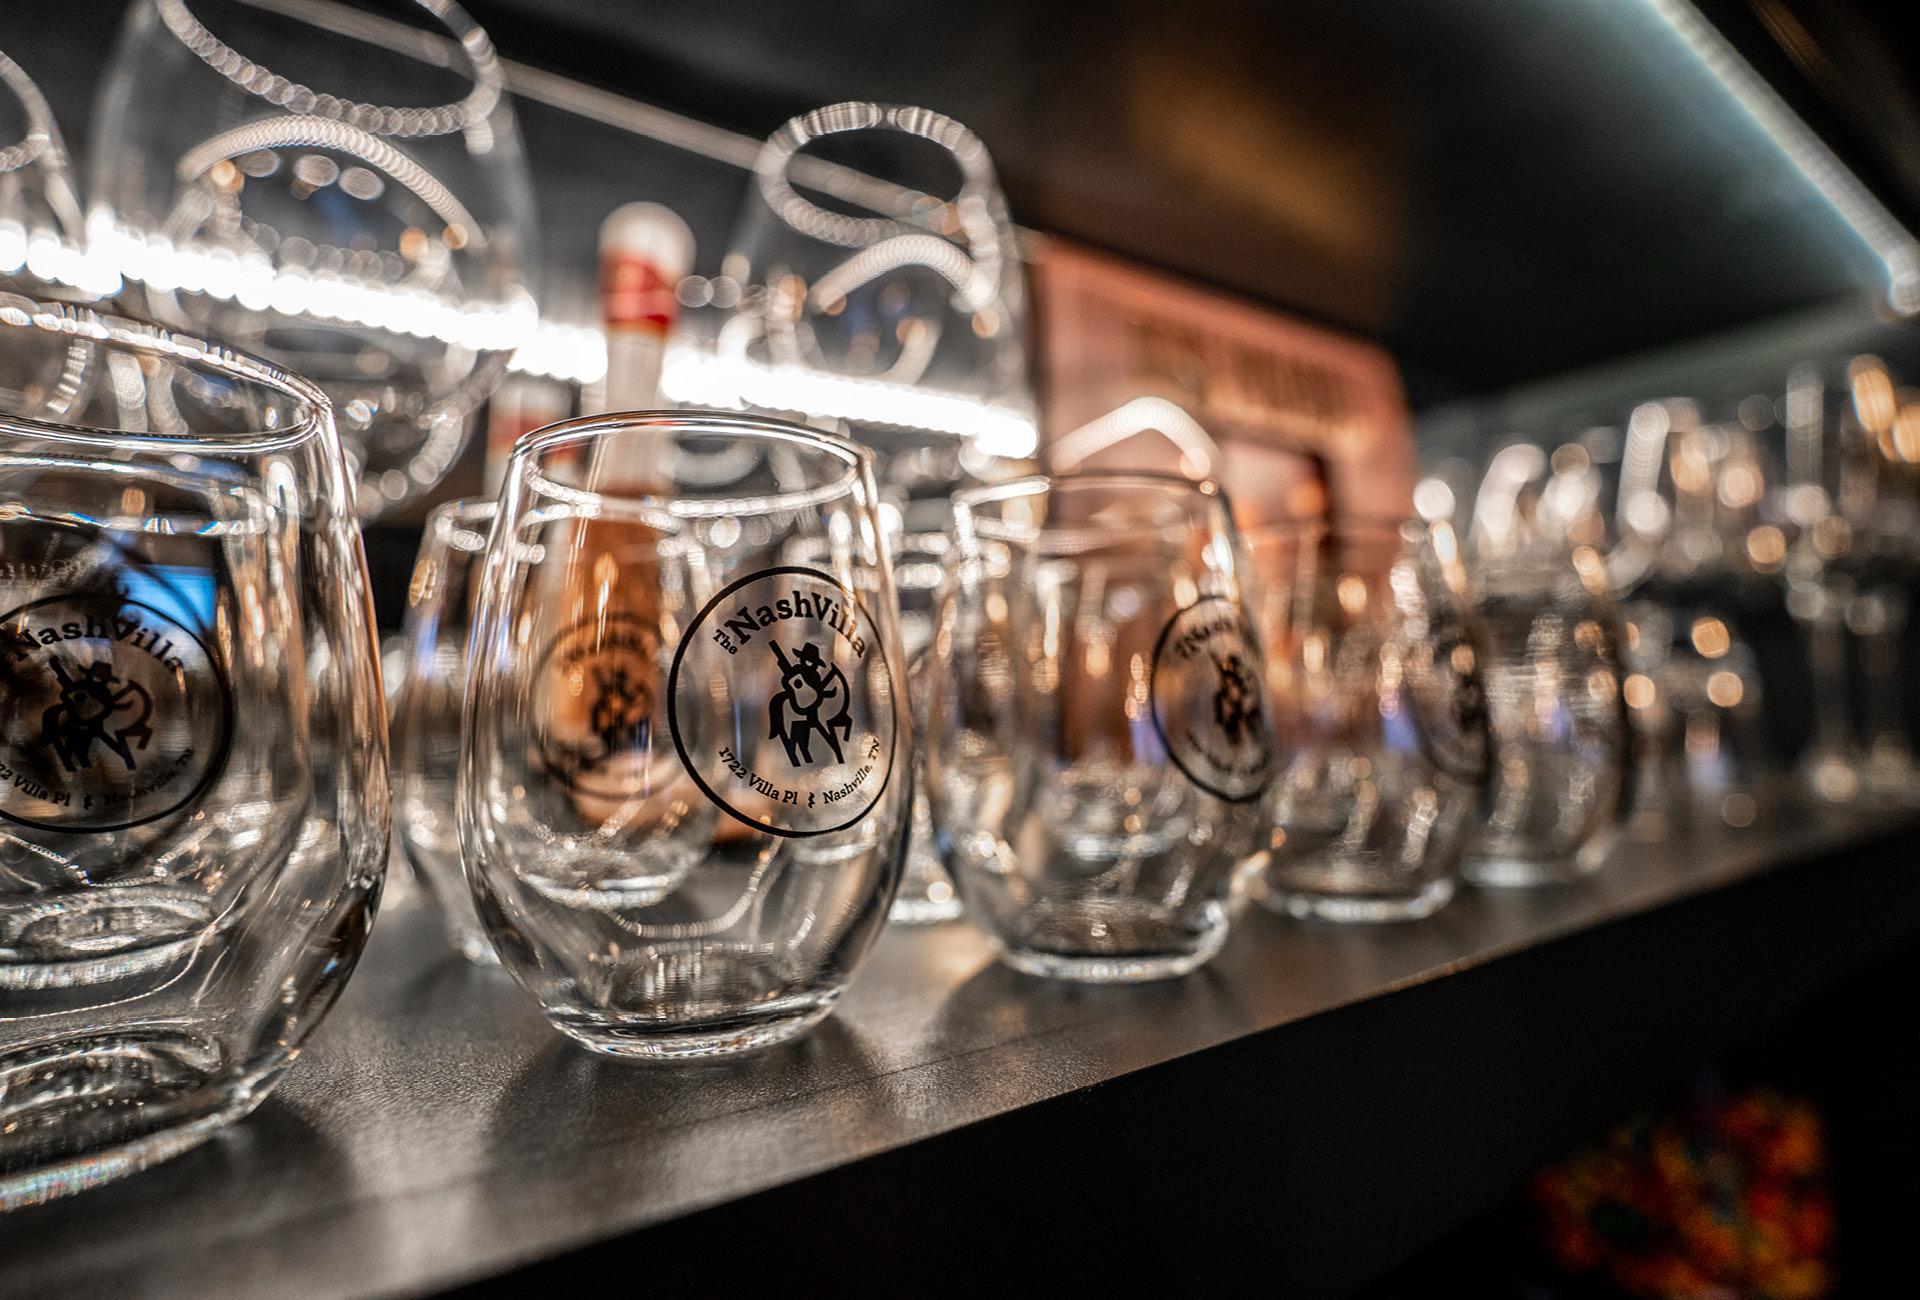 Branded NashVilla wine glasses